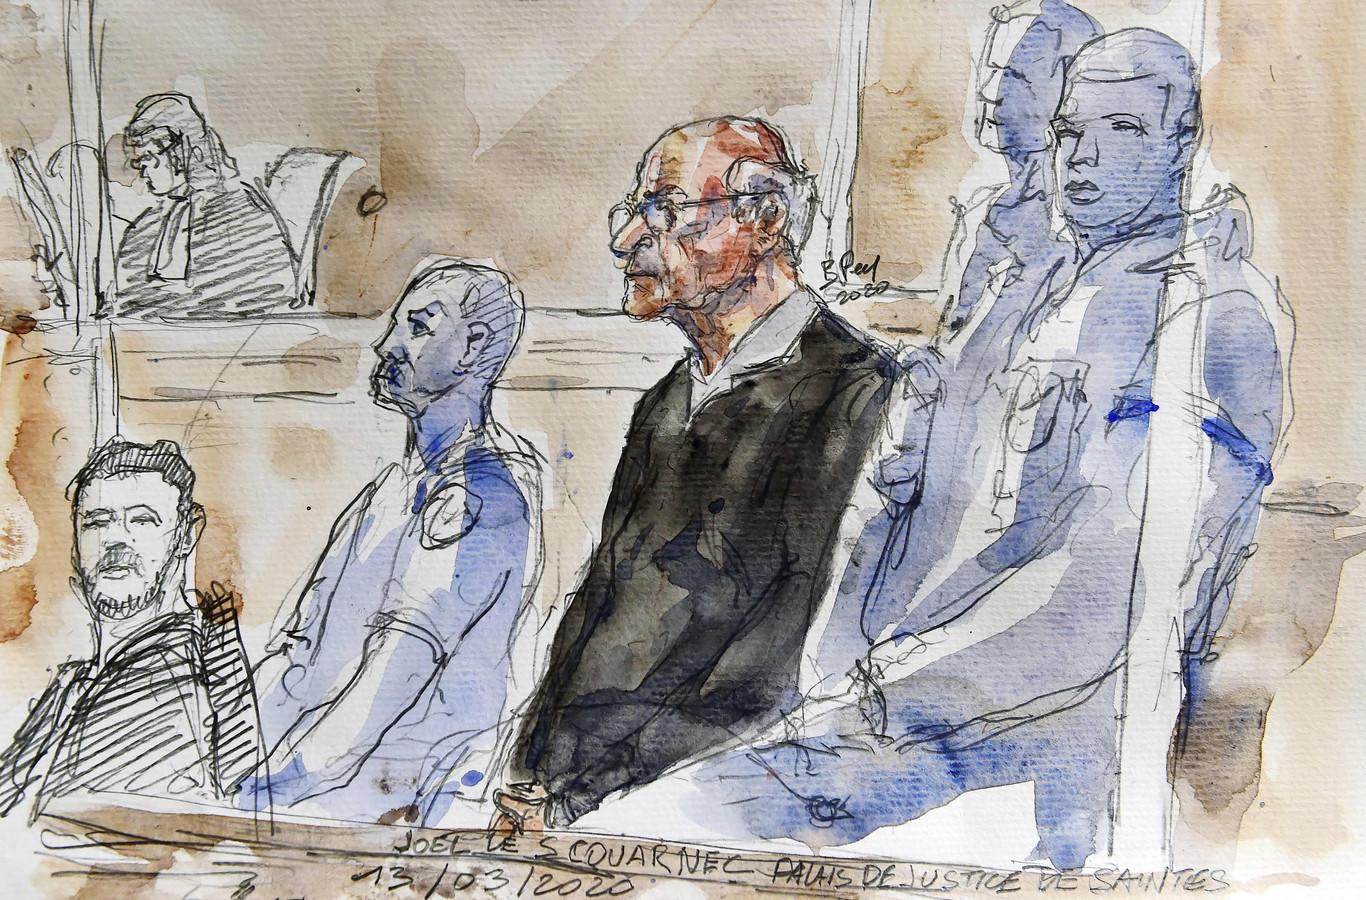 Le procès de Joël Le Scouarnec en mars dernier.